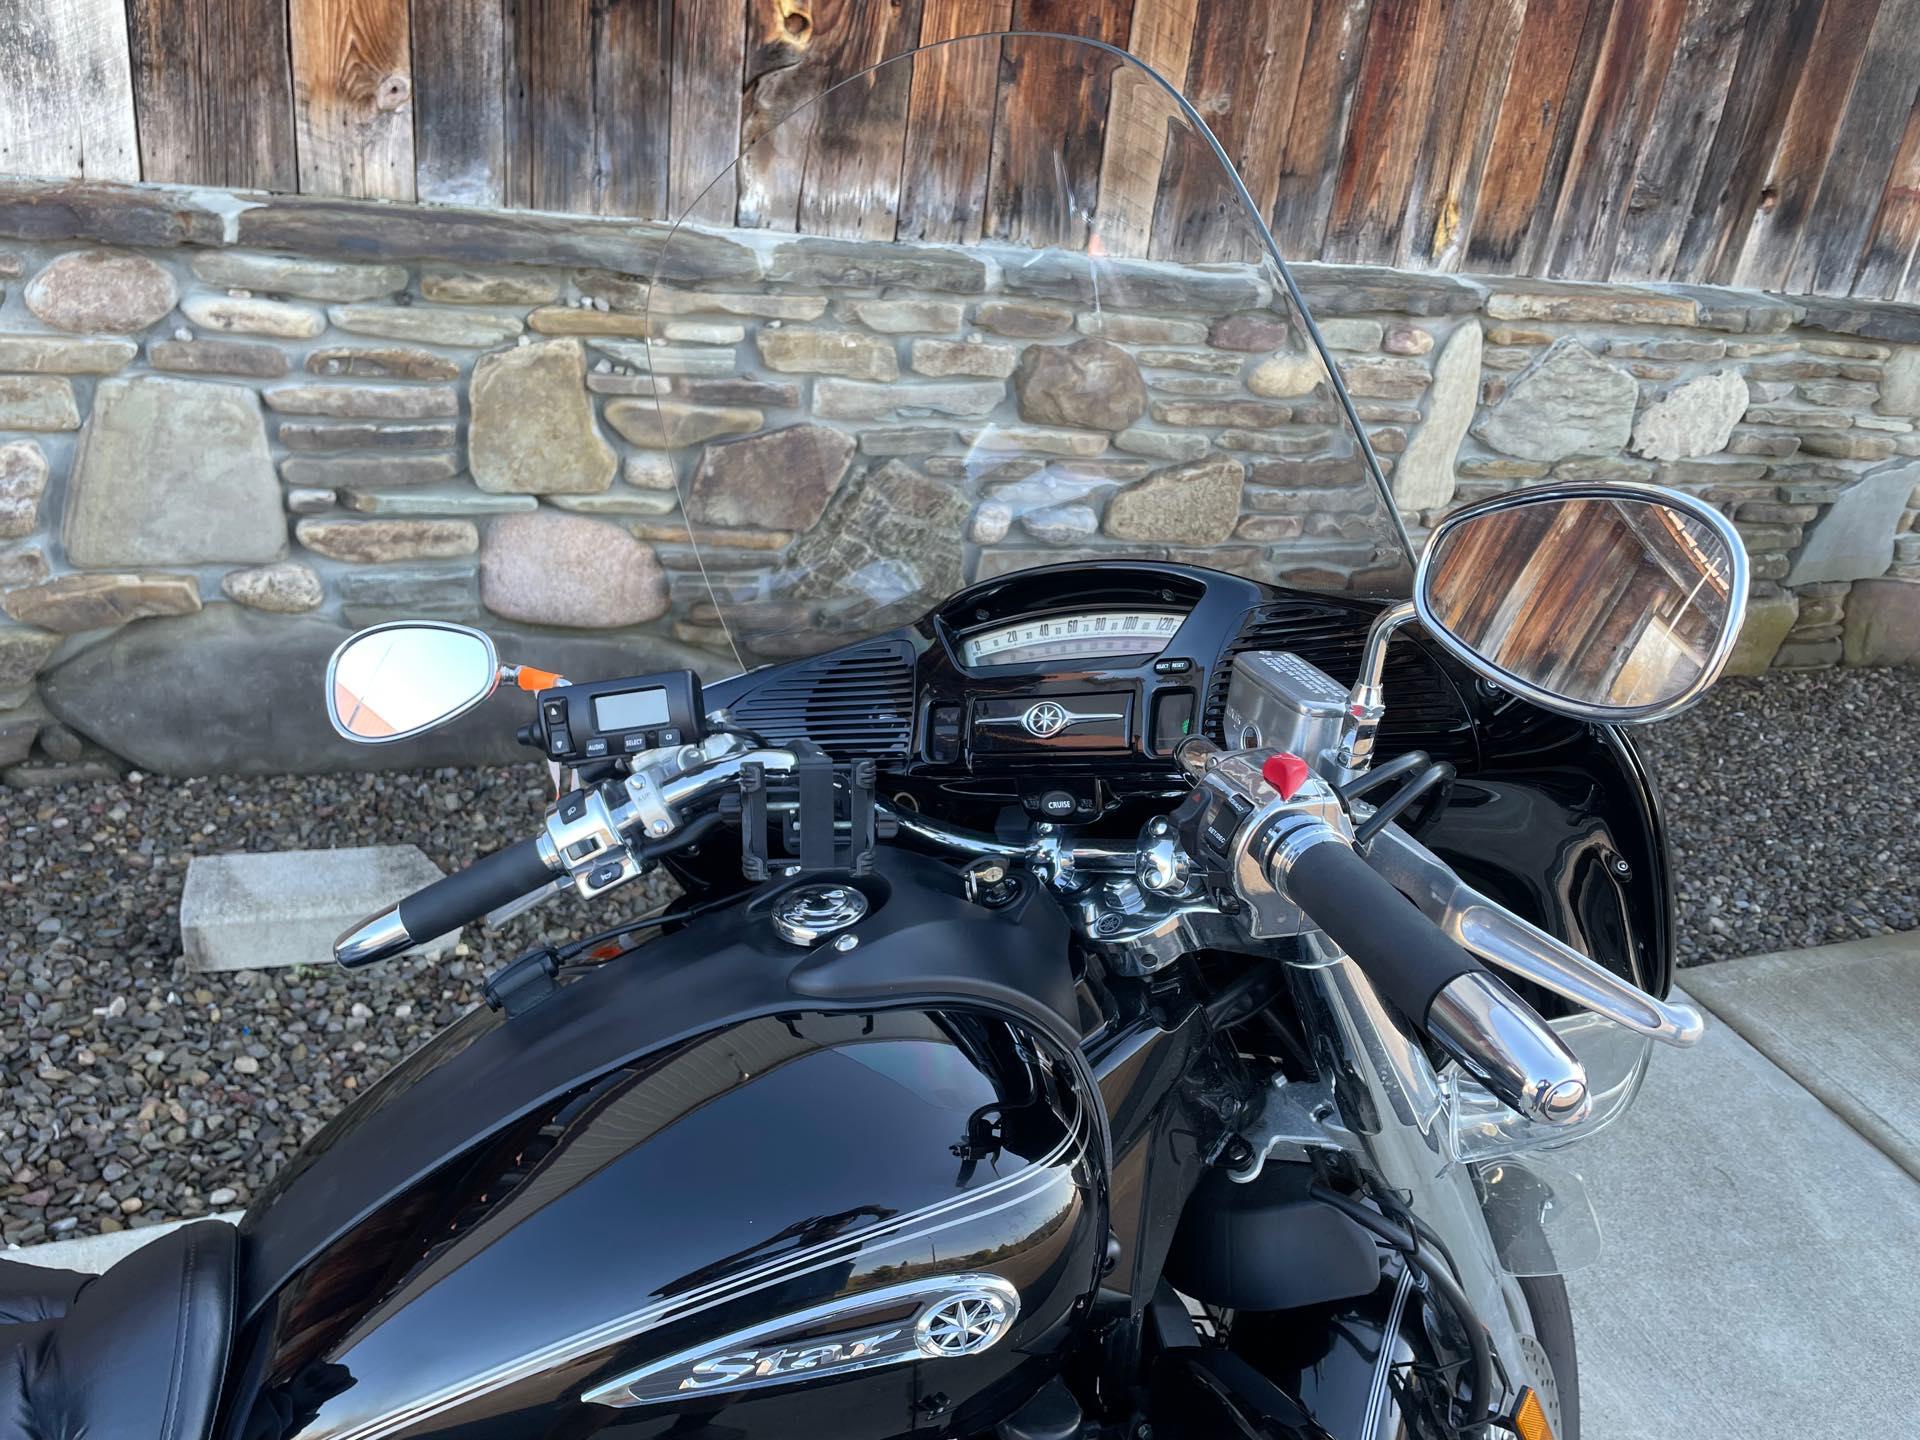 2012 Yamaha Royal Star Venture S at Arkport Cycles